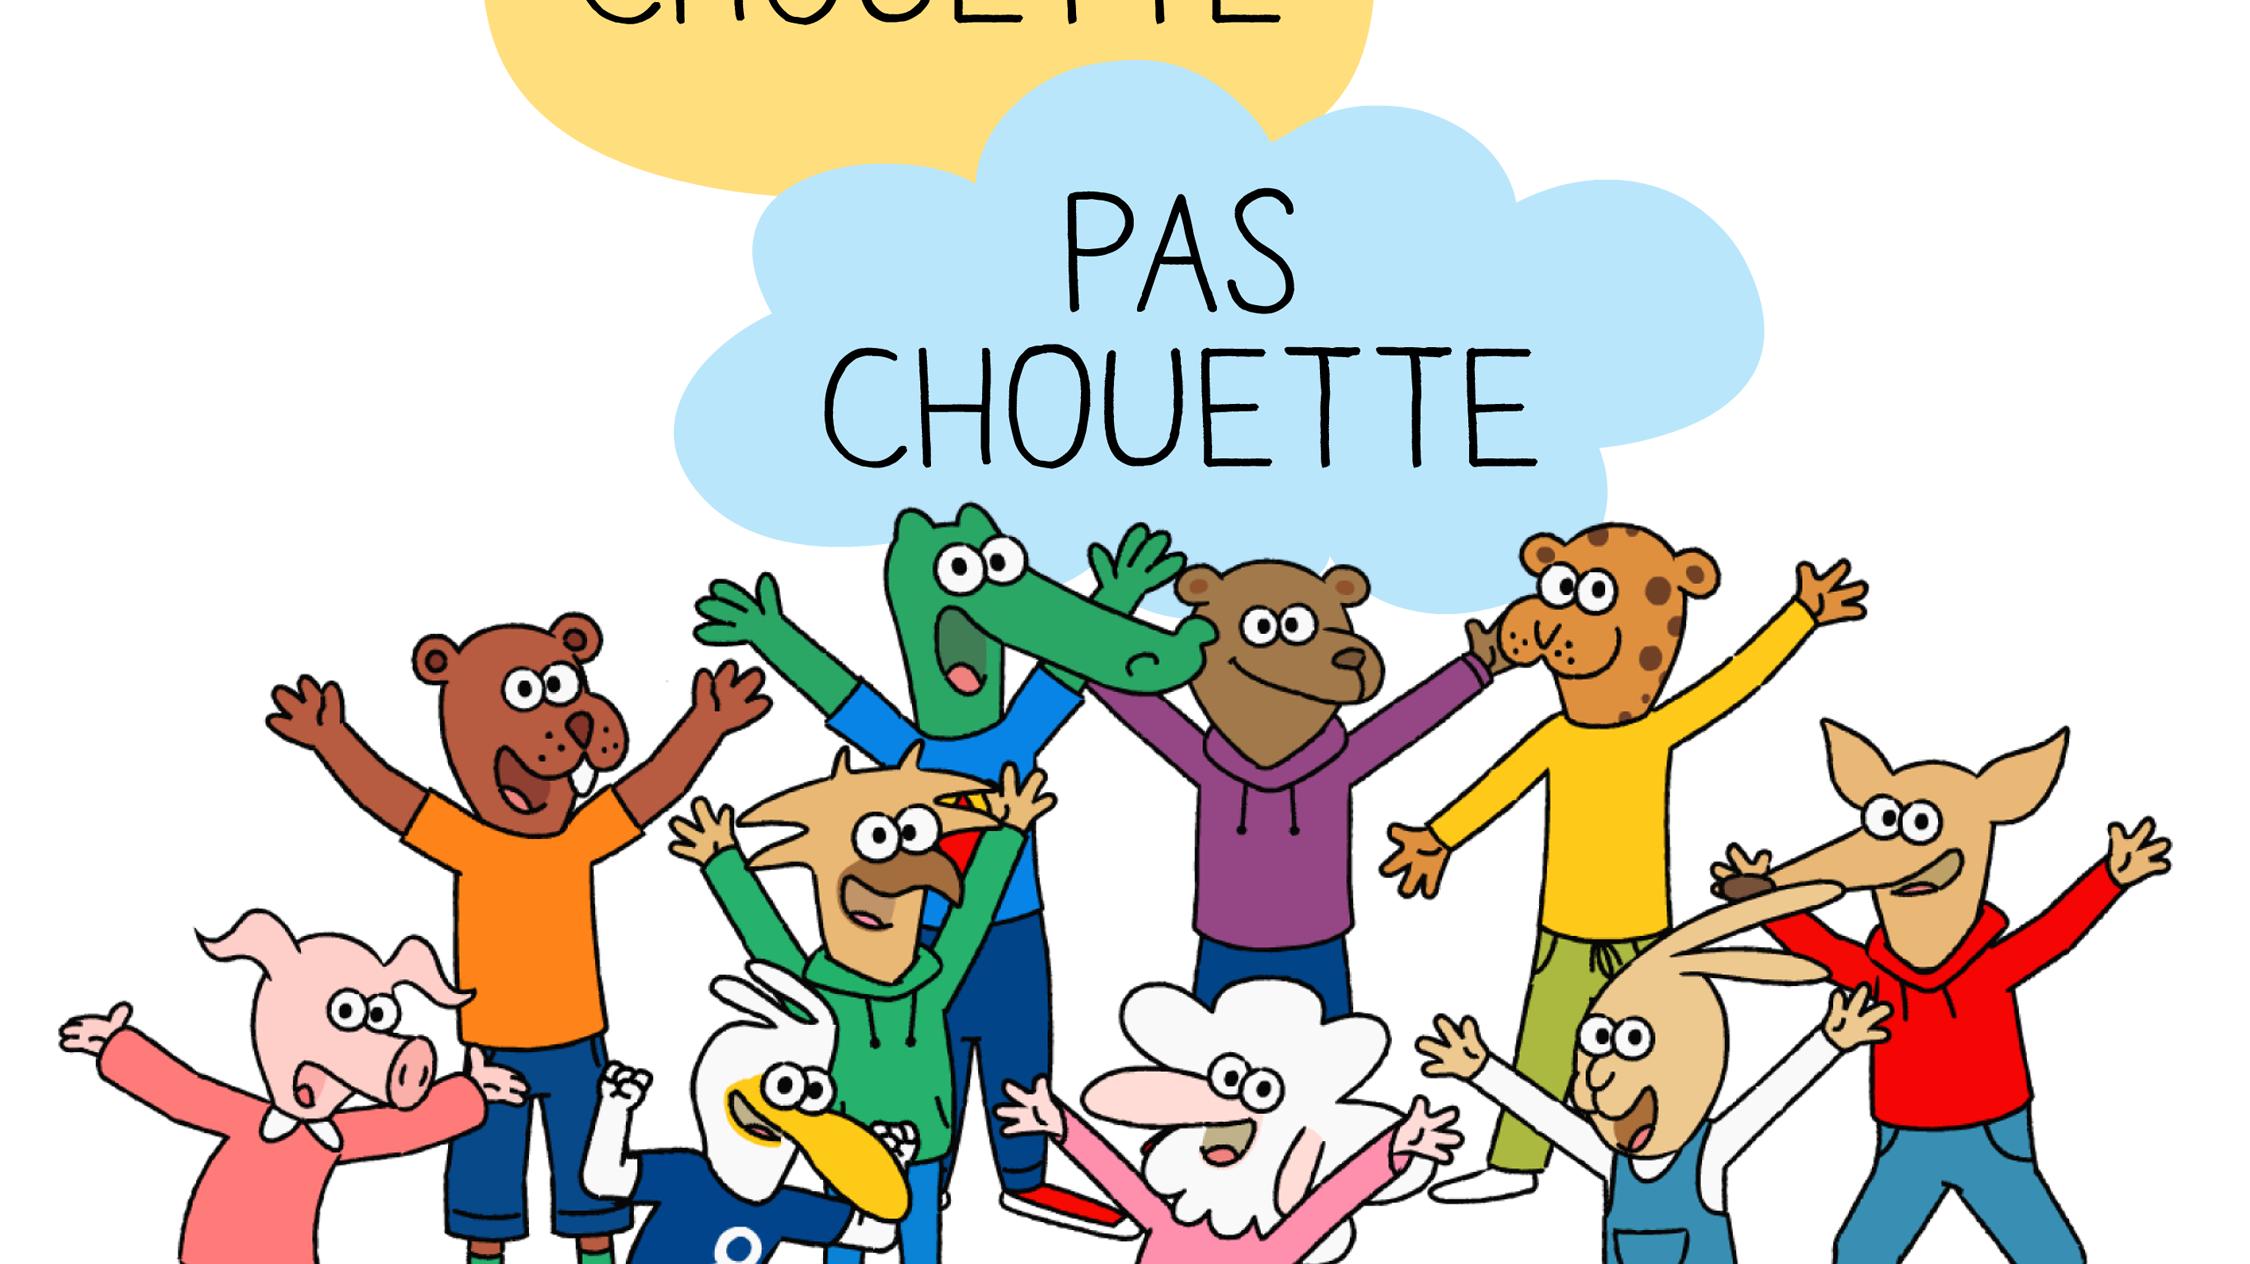 """""""Chouette, pas chouette"""", une série à destination des enfants de 4 à 6 ans pour déconstruire les stéréotypes sexistes"""